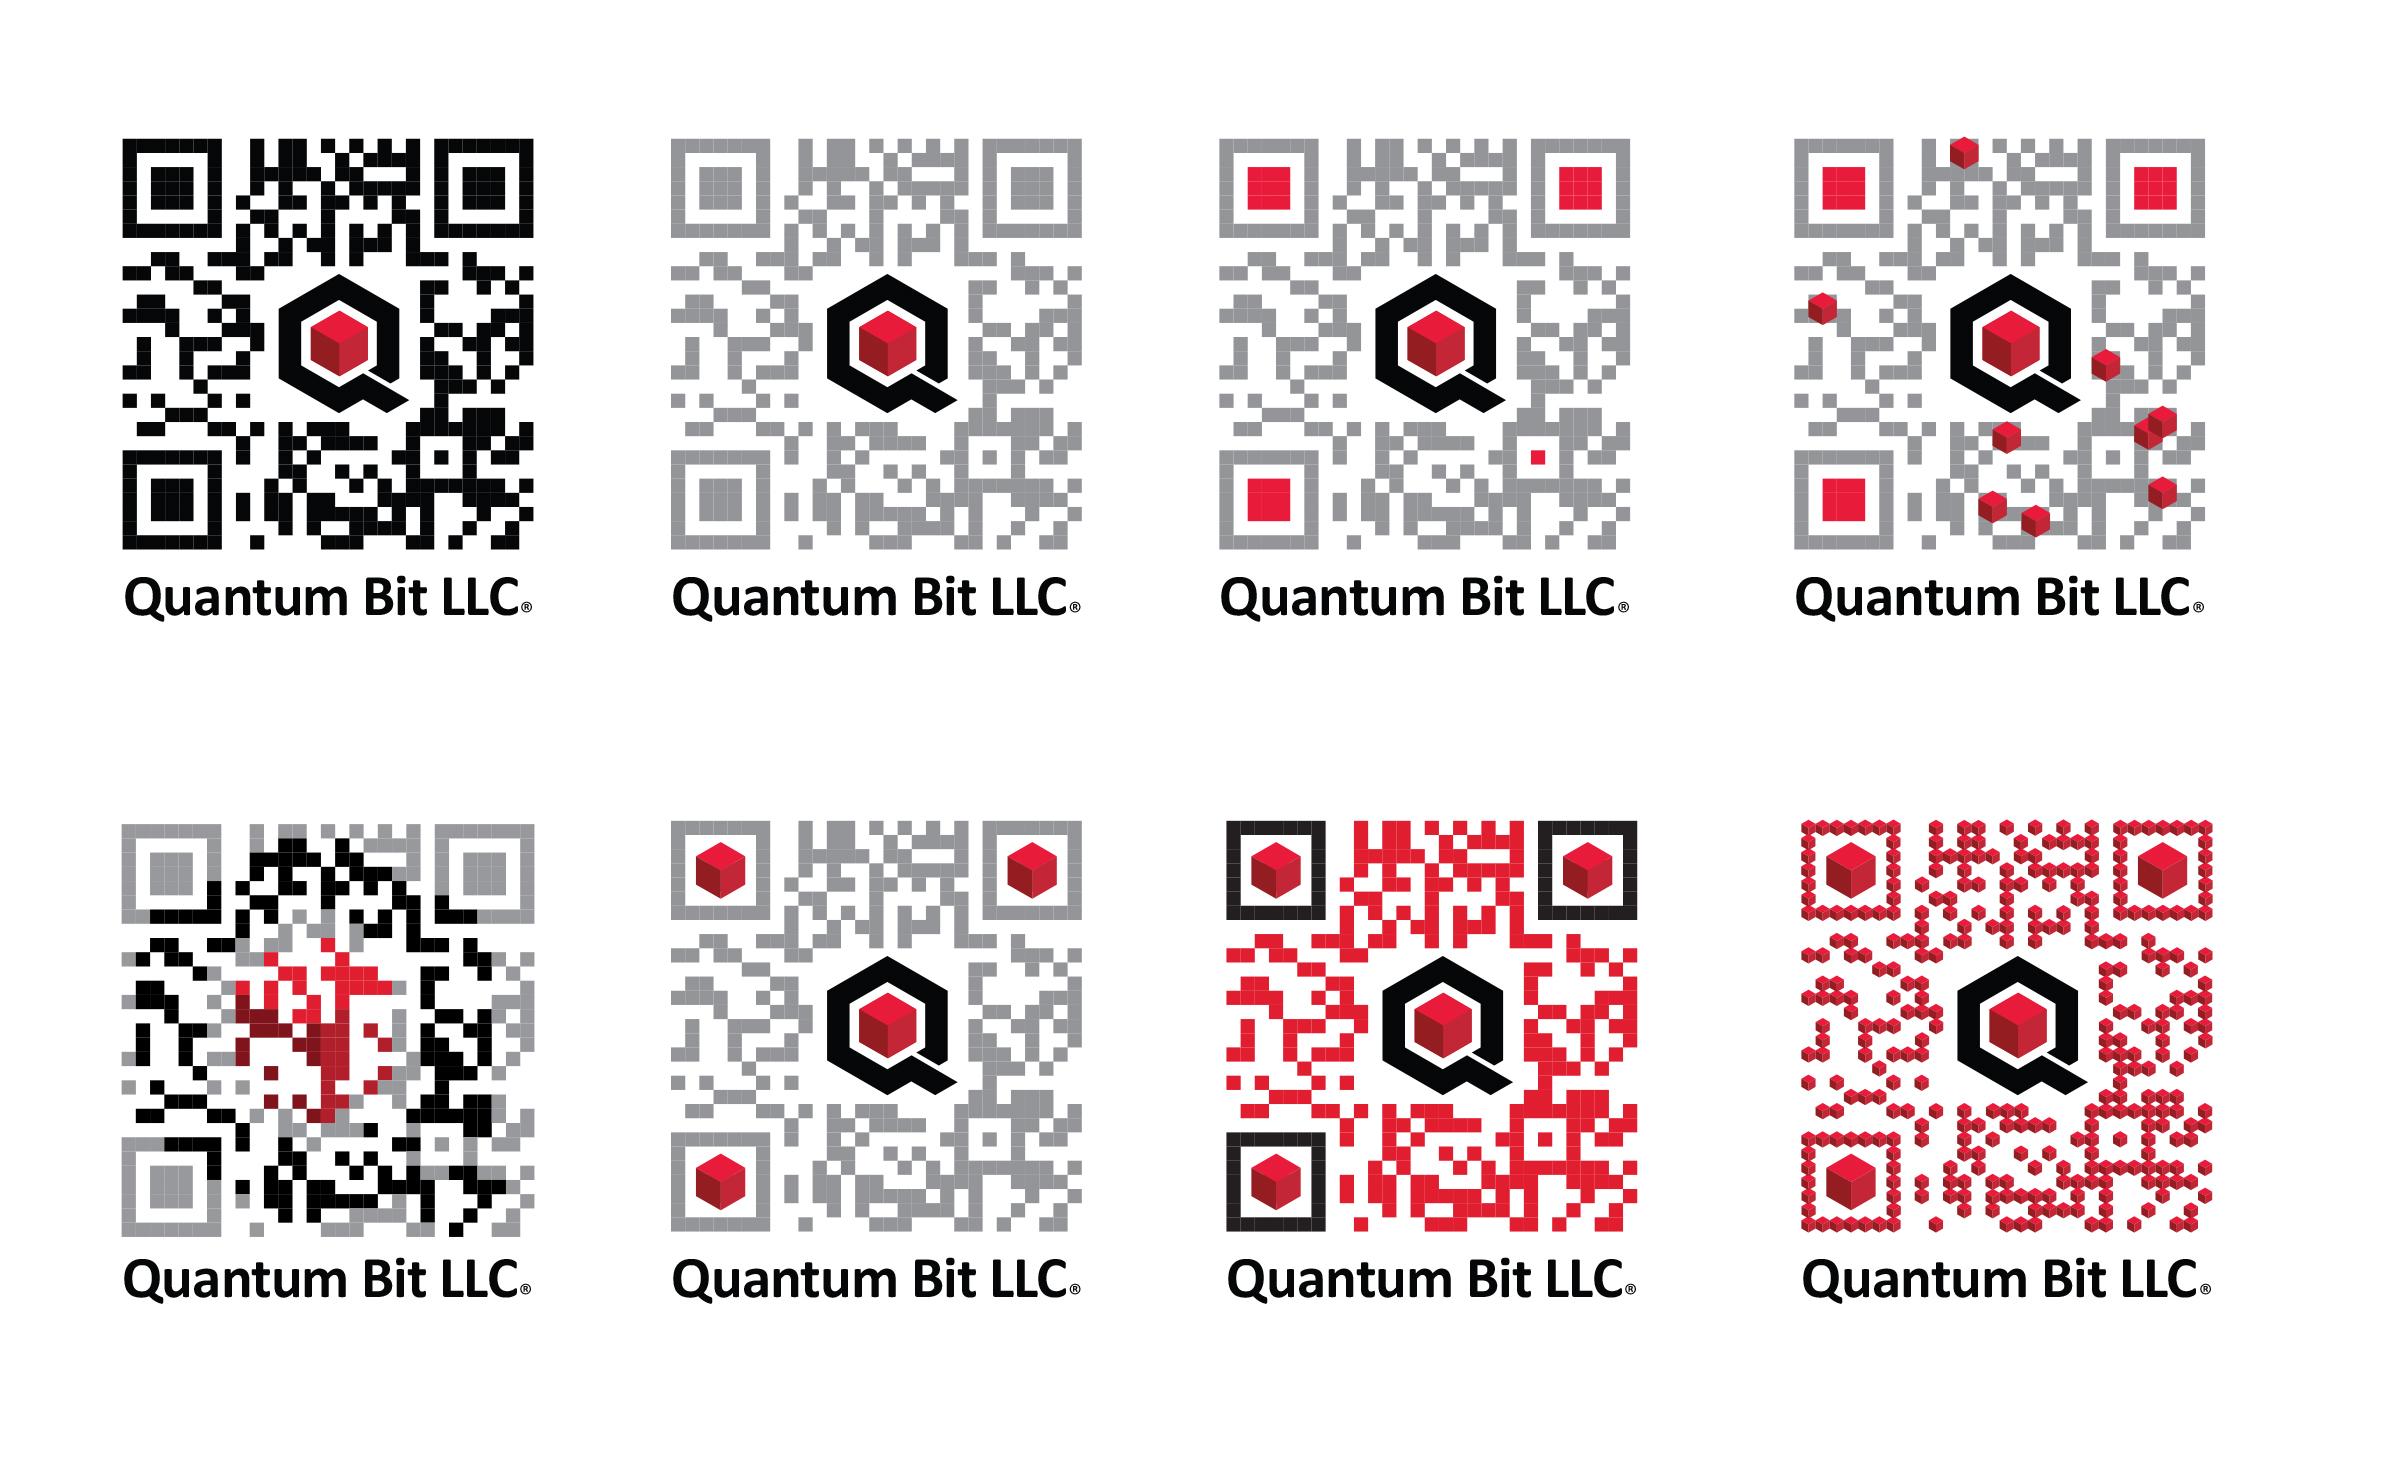 Qbit QR Code Logo Variations